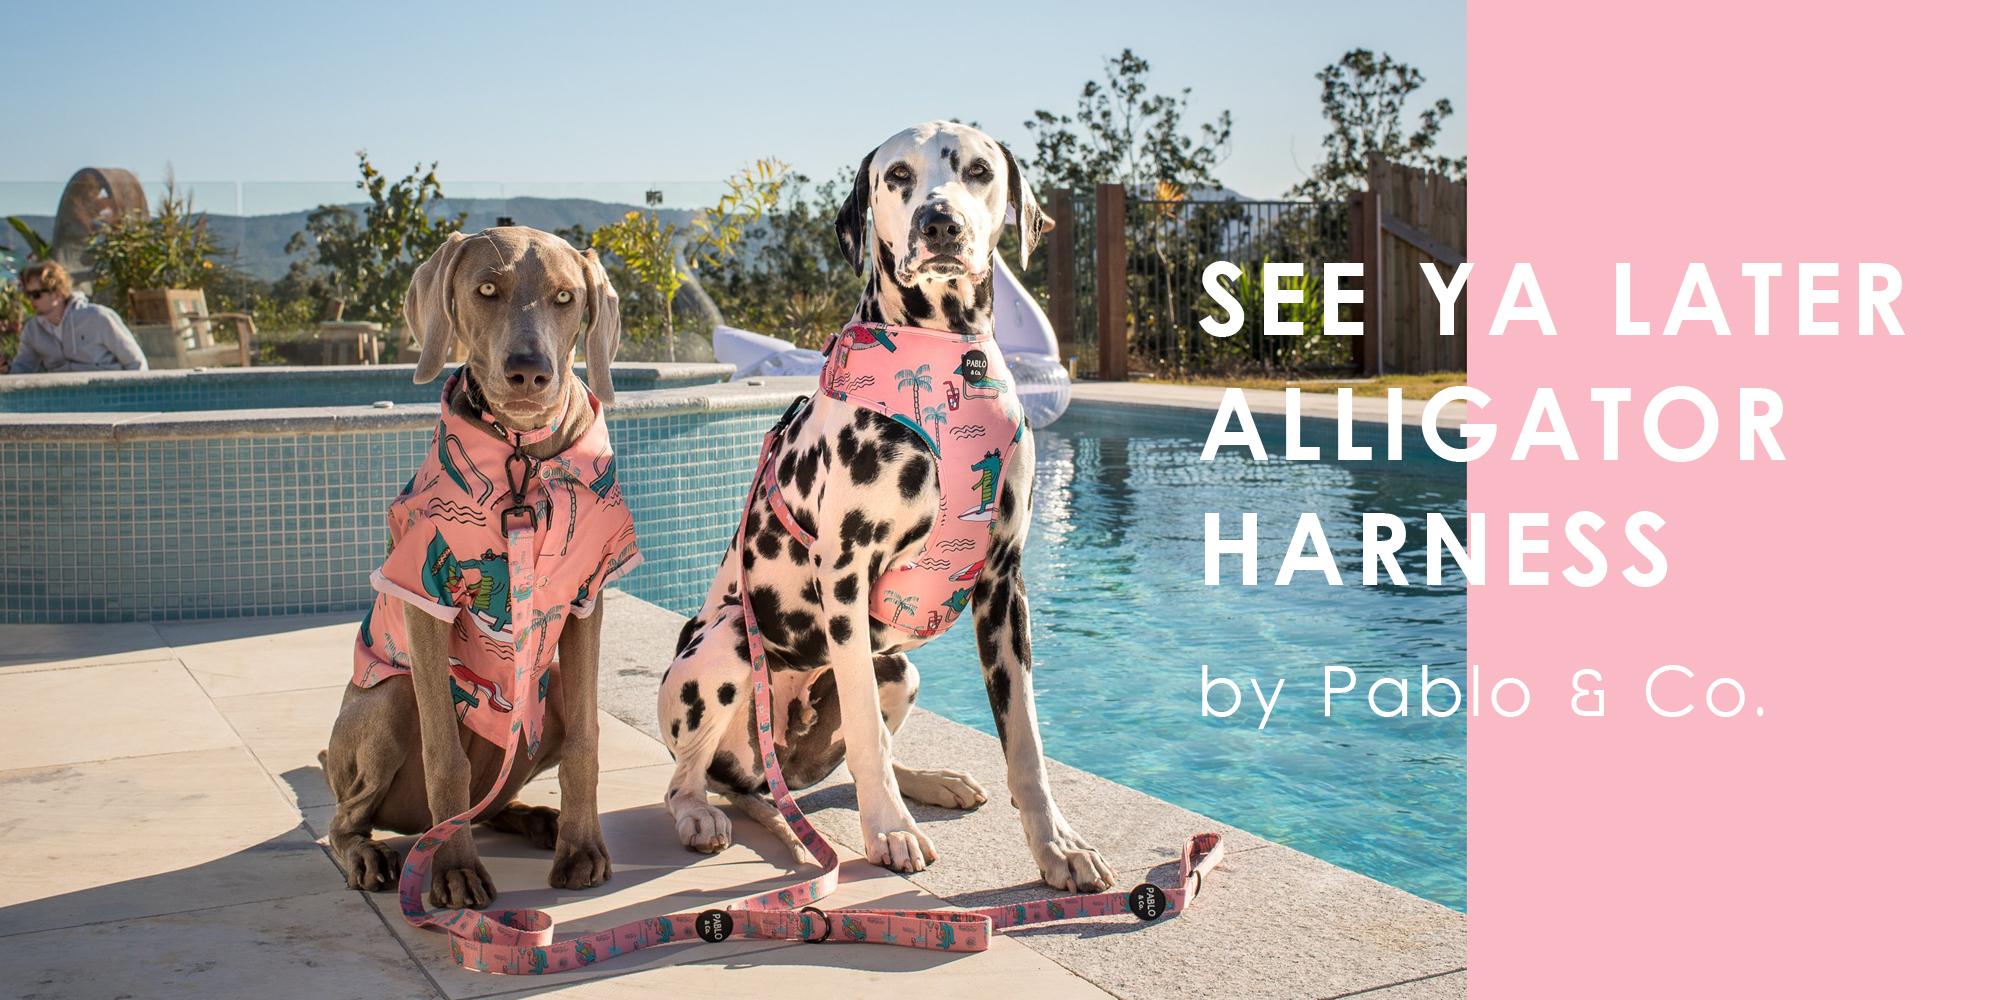 オーストラリア生まれのドッグブランド「Pablo&Co.(パブロ&コー)」から、スローライフを楽しむワニさん柄の愛犬用ソフトハーネスを入荷しました。